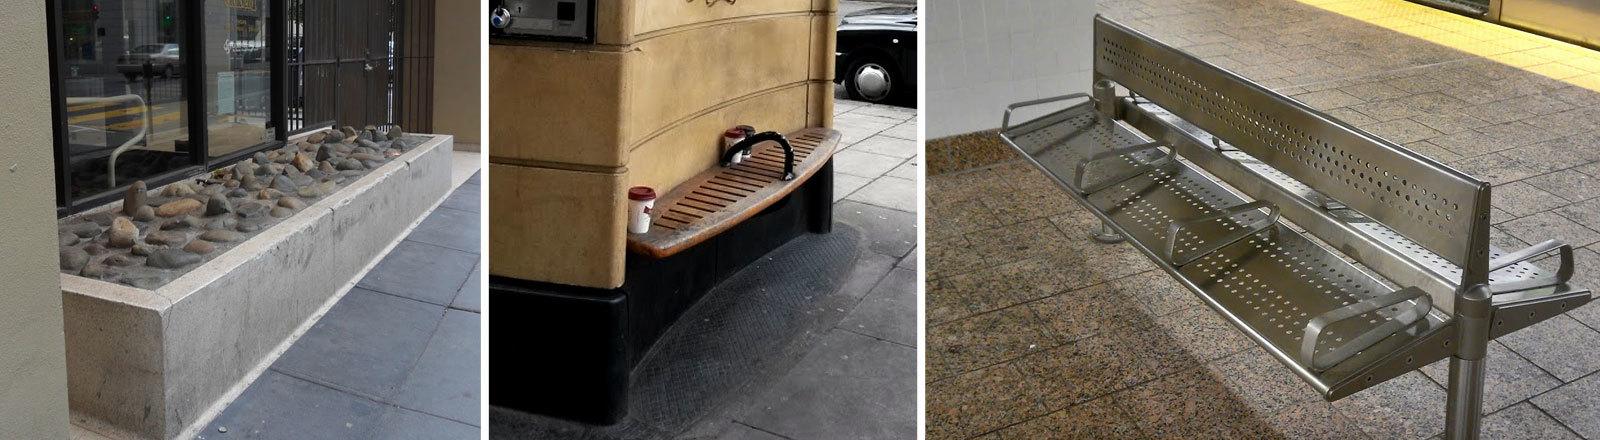 Bänke in Städten, auf denen man sich nicht hinlegen kann.